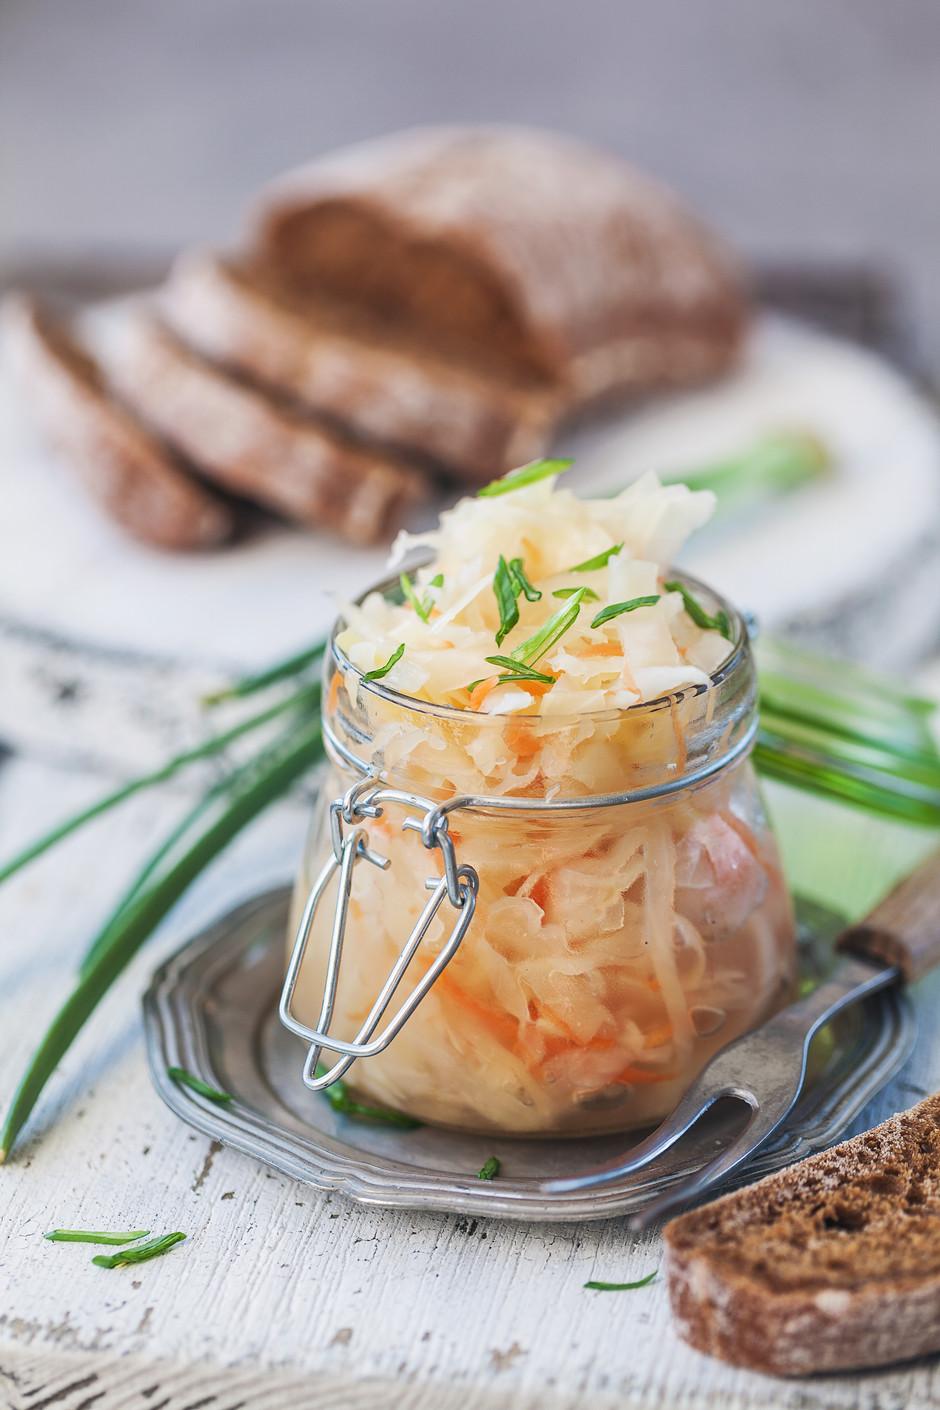 Heal your Gut with Organic Sauerkraut